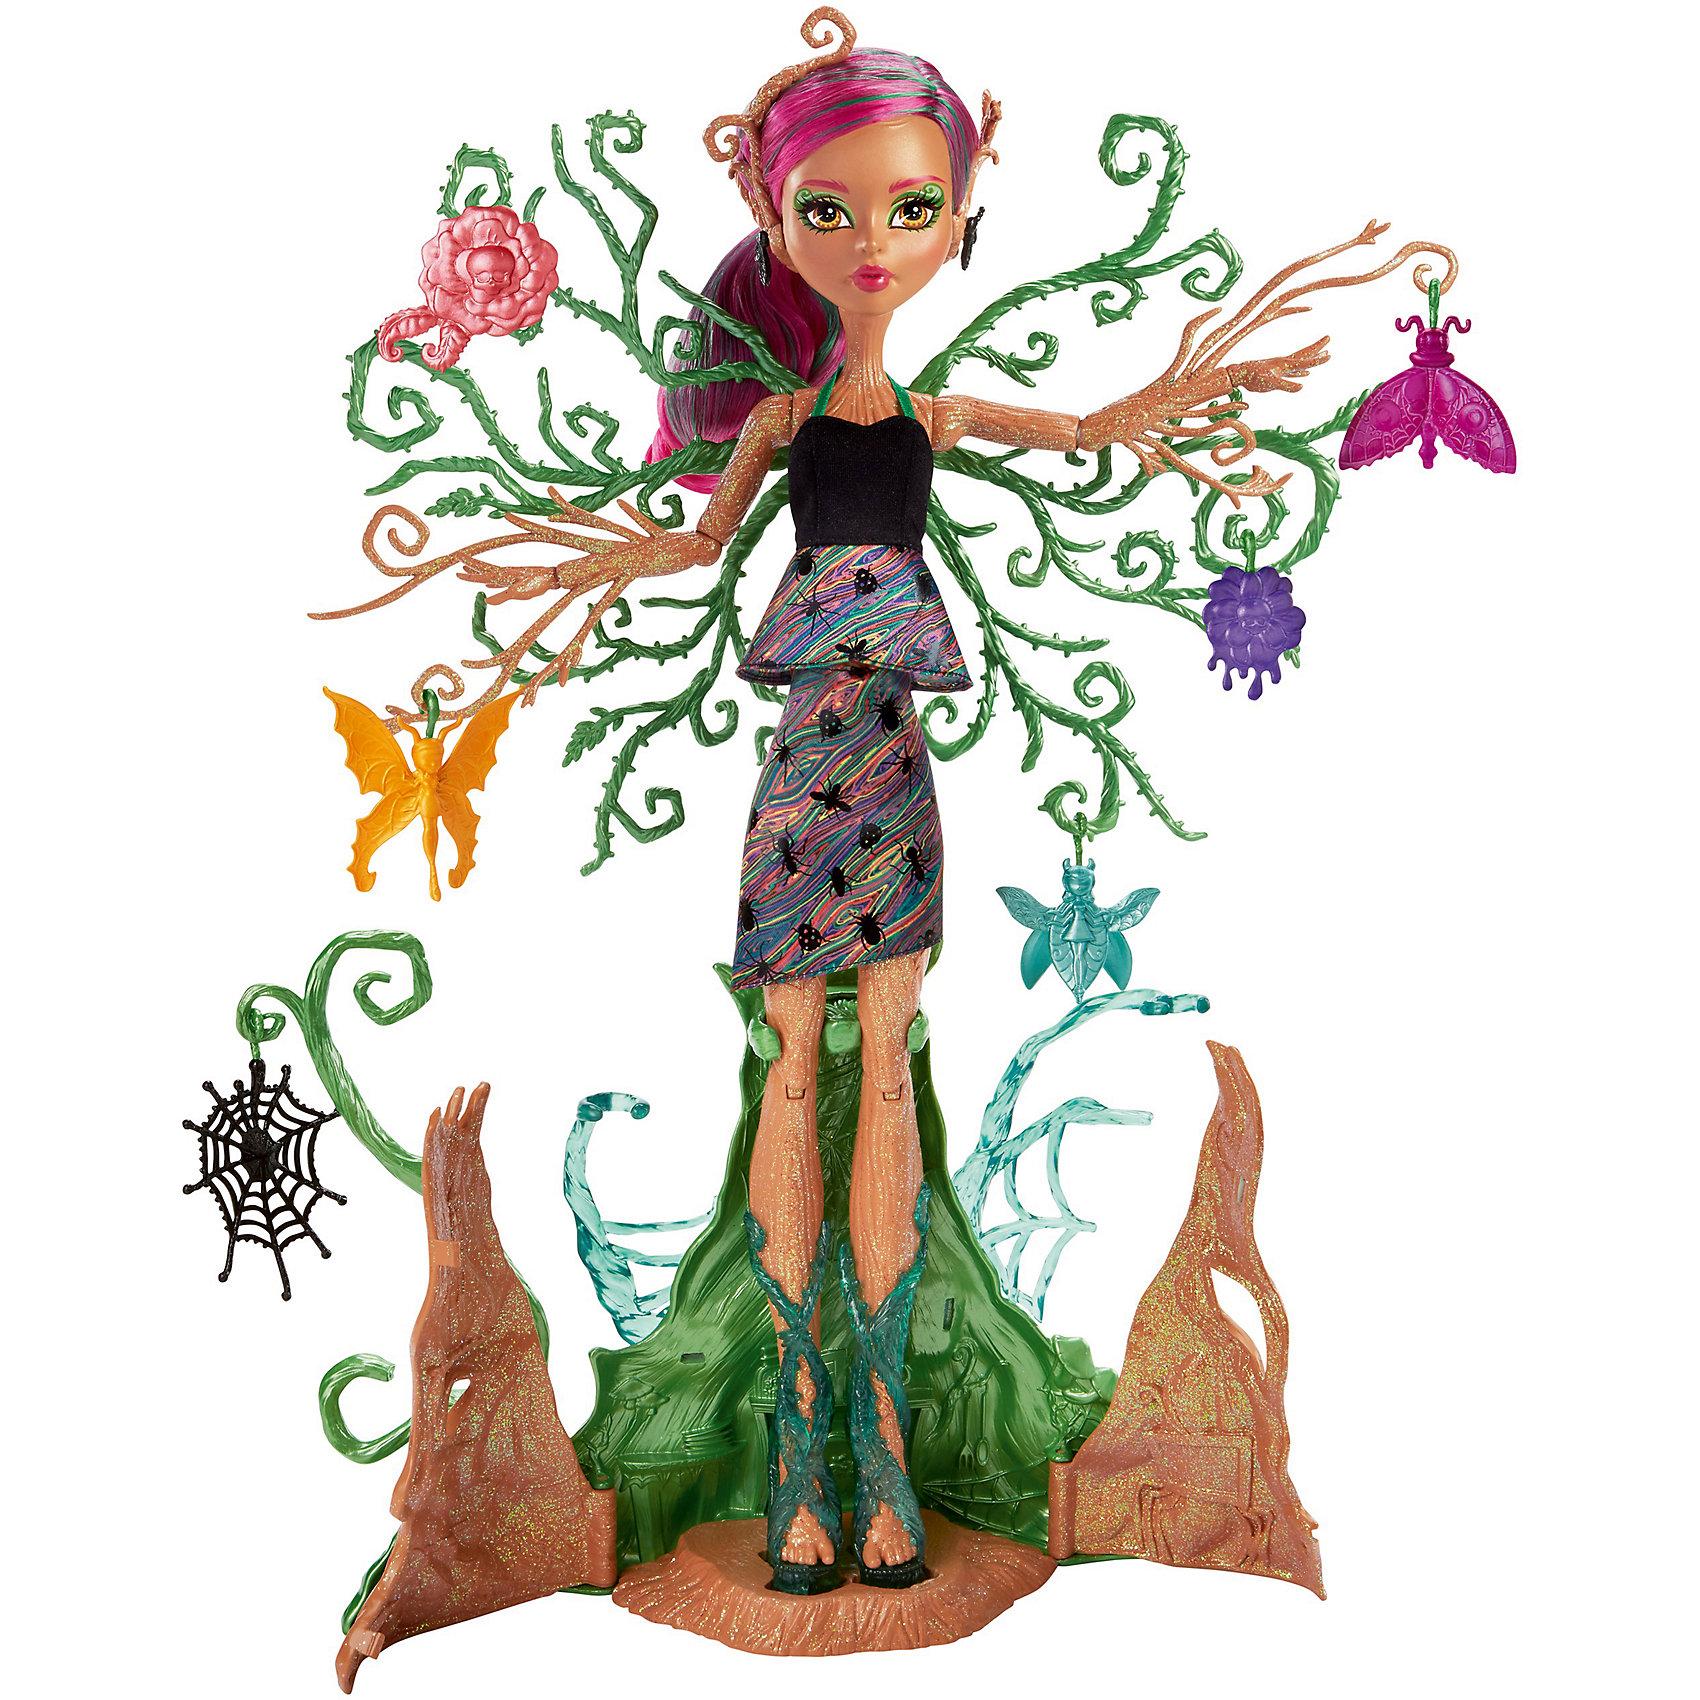 Кукла Monster High Цветочная монстряшка Триса ТорнвиллоуКуклы-модели<br>Характеристики товара:<br><br>• возраст: от 6 лет<br>• материал: пластик;<br>• упаковка: коробка;<br>• высота куклы: 28-30 см<br>• страна бренда: США<br><br>Кукла Триса Торнвиллоу™ из серии Monster High™ «Цветочные монстряшки» с легкостью превращается в игровой набор. <br><br>Так просто создать мир удовольствий! Кора, покрывающая ее ноги, раскрывается, чтобы выпустить Трису на свободу. Можно оставить ее стоять на месте, расправив ветки у нее на спине; их можно украсить и показать в своей коллекции. <br><br>Повернув  ручку на ее спине, можно увидеть, как Триса растет, а ее зеленые ветви поднимаются к солнцу. В комплекте с Трисой Торнвиллоу™есть шесть садовых предметов на крючках. Среди них — цветок, жучок и паутина, которые можно повесить на развесистые ветки куклы.<br><br>Куклу Monster High Цветочная монстряшка Триса Торнвиллоу можно купить в нашем интенет-магазине.<br><br>Ширина мм: 391<br>Глубина мм: 309<br>Высота мм: 104<br>Вес г: 677<br>Возраст от месяцев: 72<br>Возраст до месяцев: 120<br>Пол: Женский<br>Возраст: Детский<br>SKU: 6739696